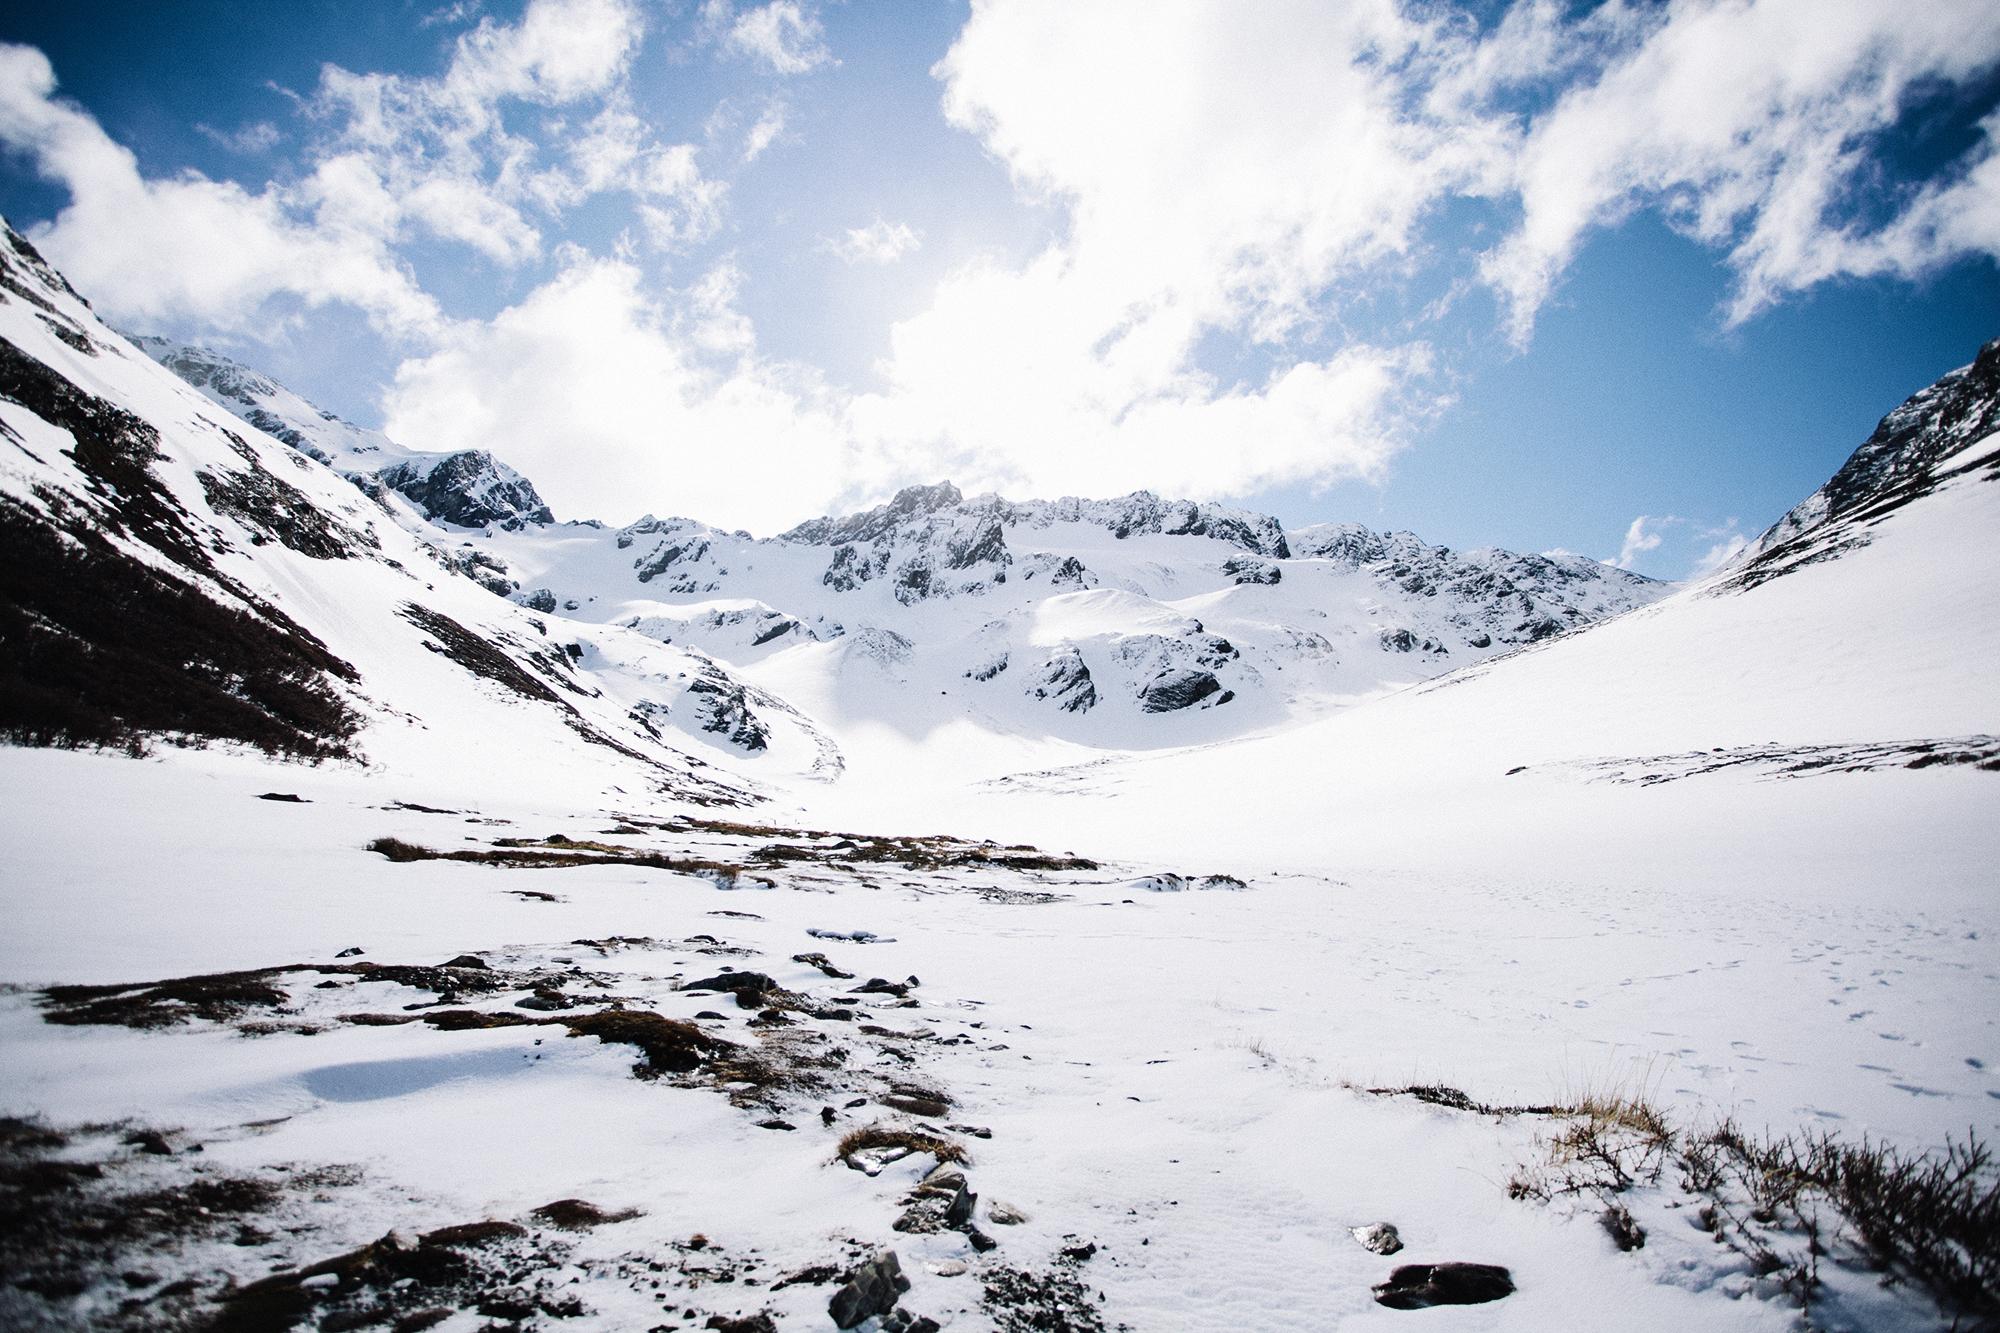 visitar ushuaia patagonia argentina primavera